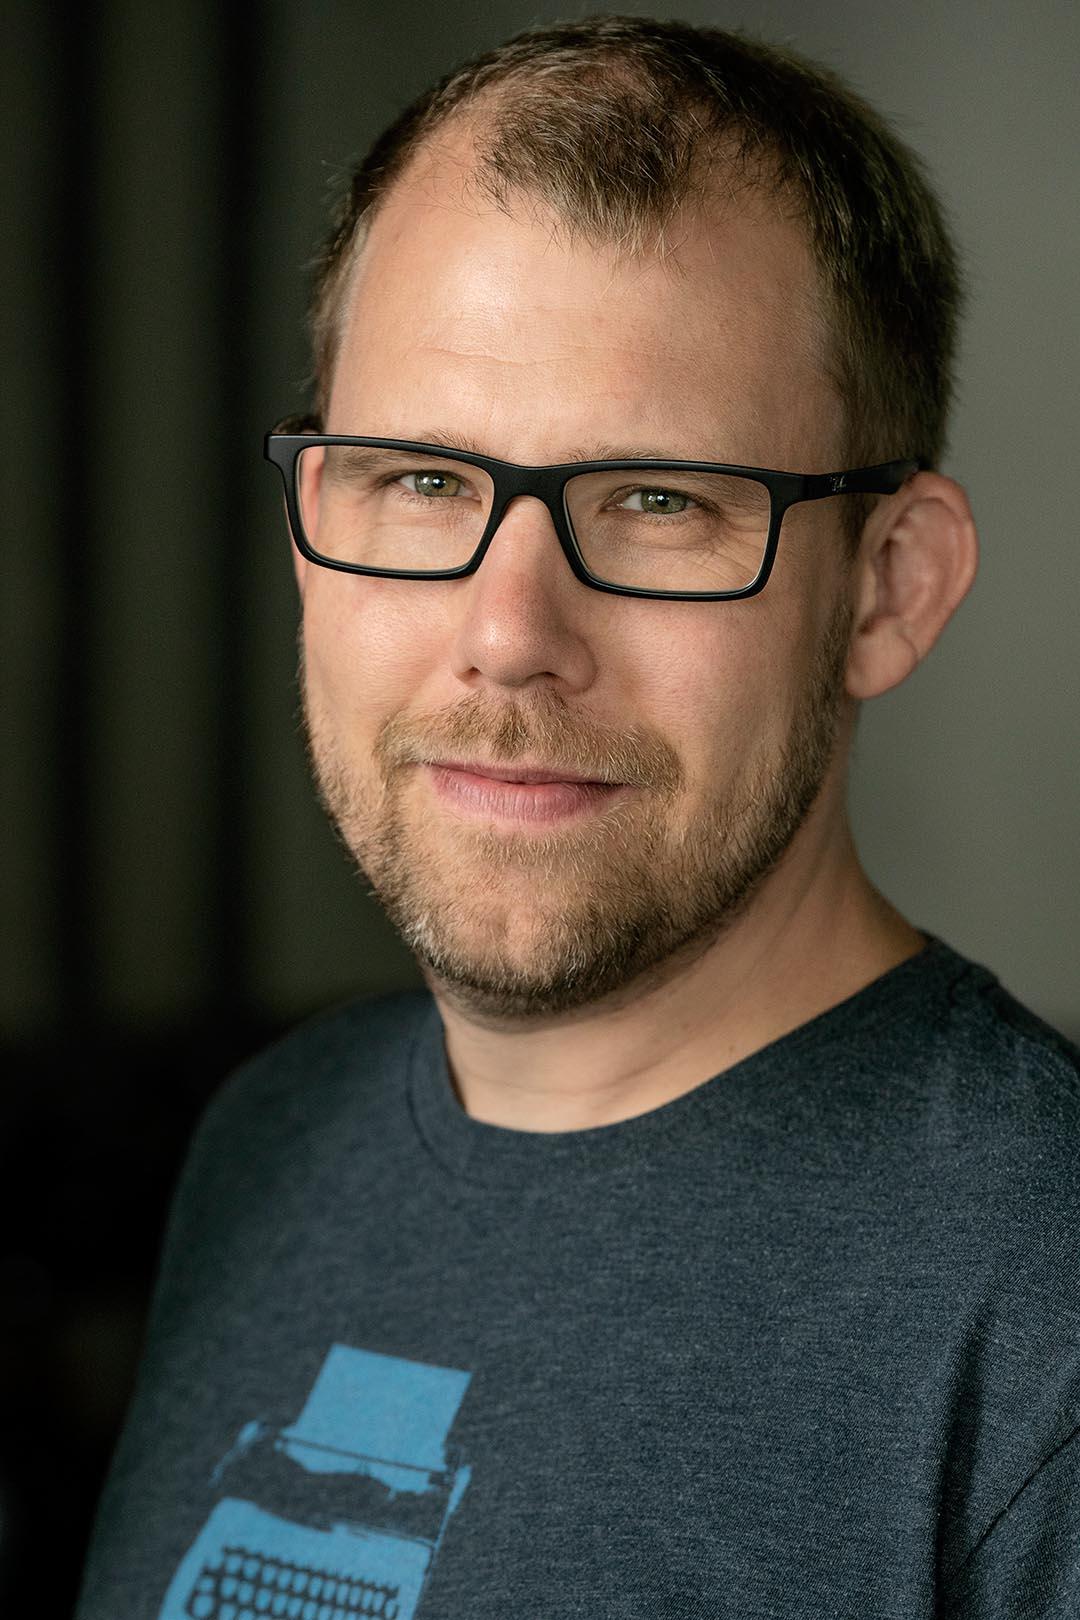 Arne Ahrens